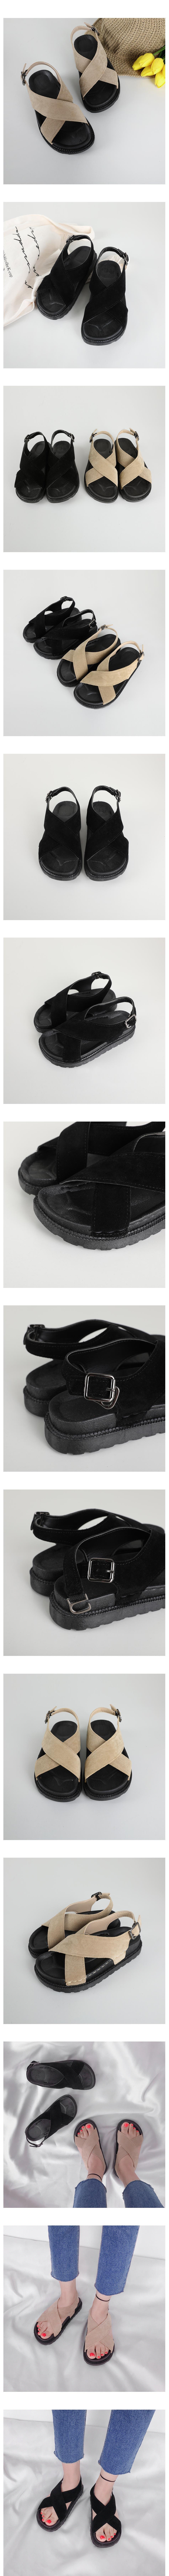 Cross suede sandals